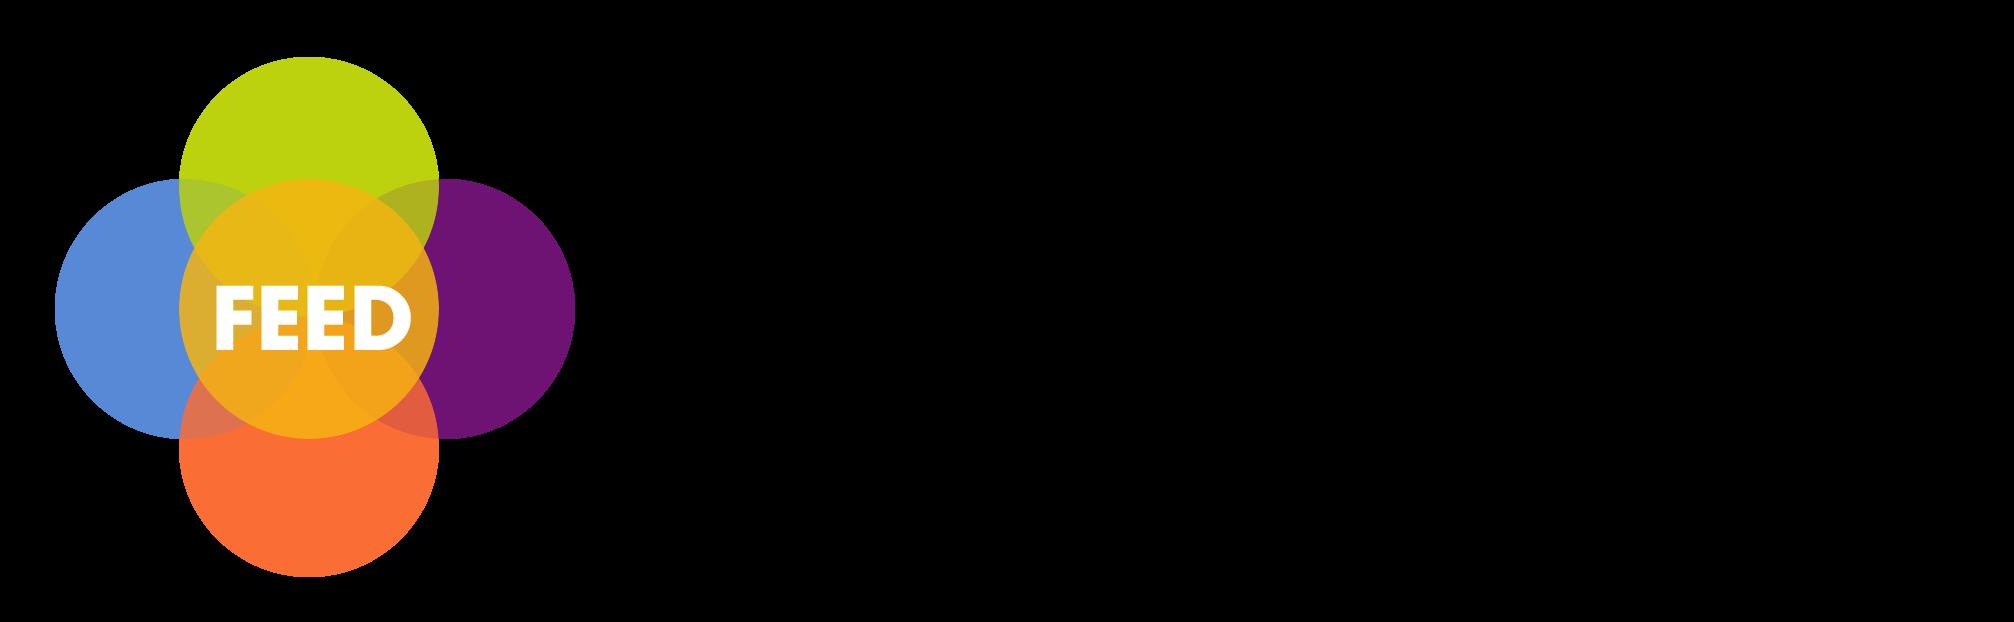 logo-feria-formato-2016